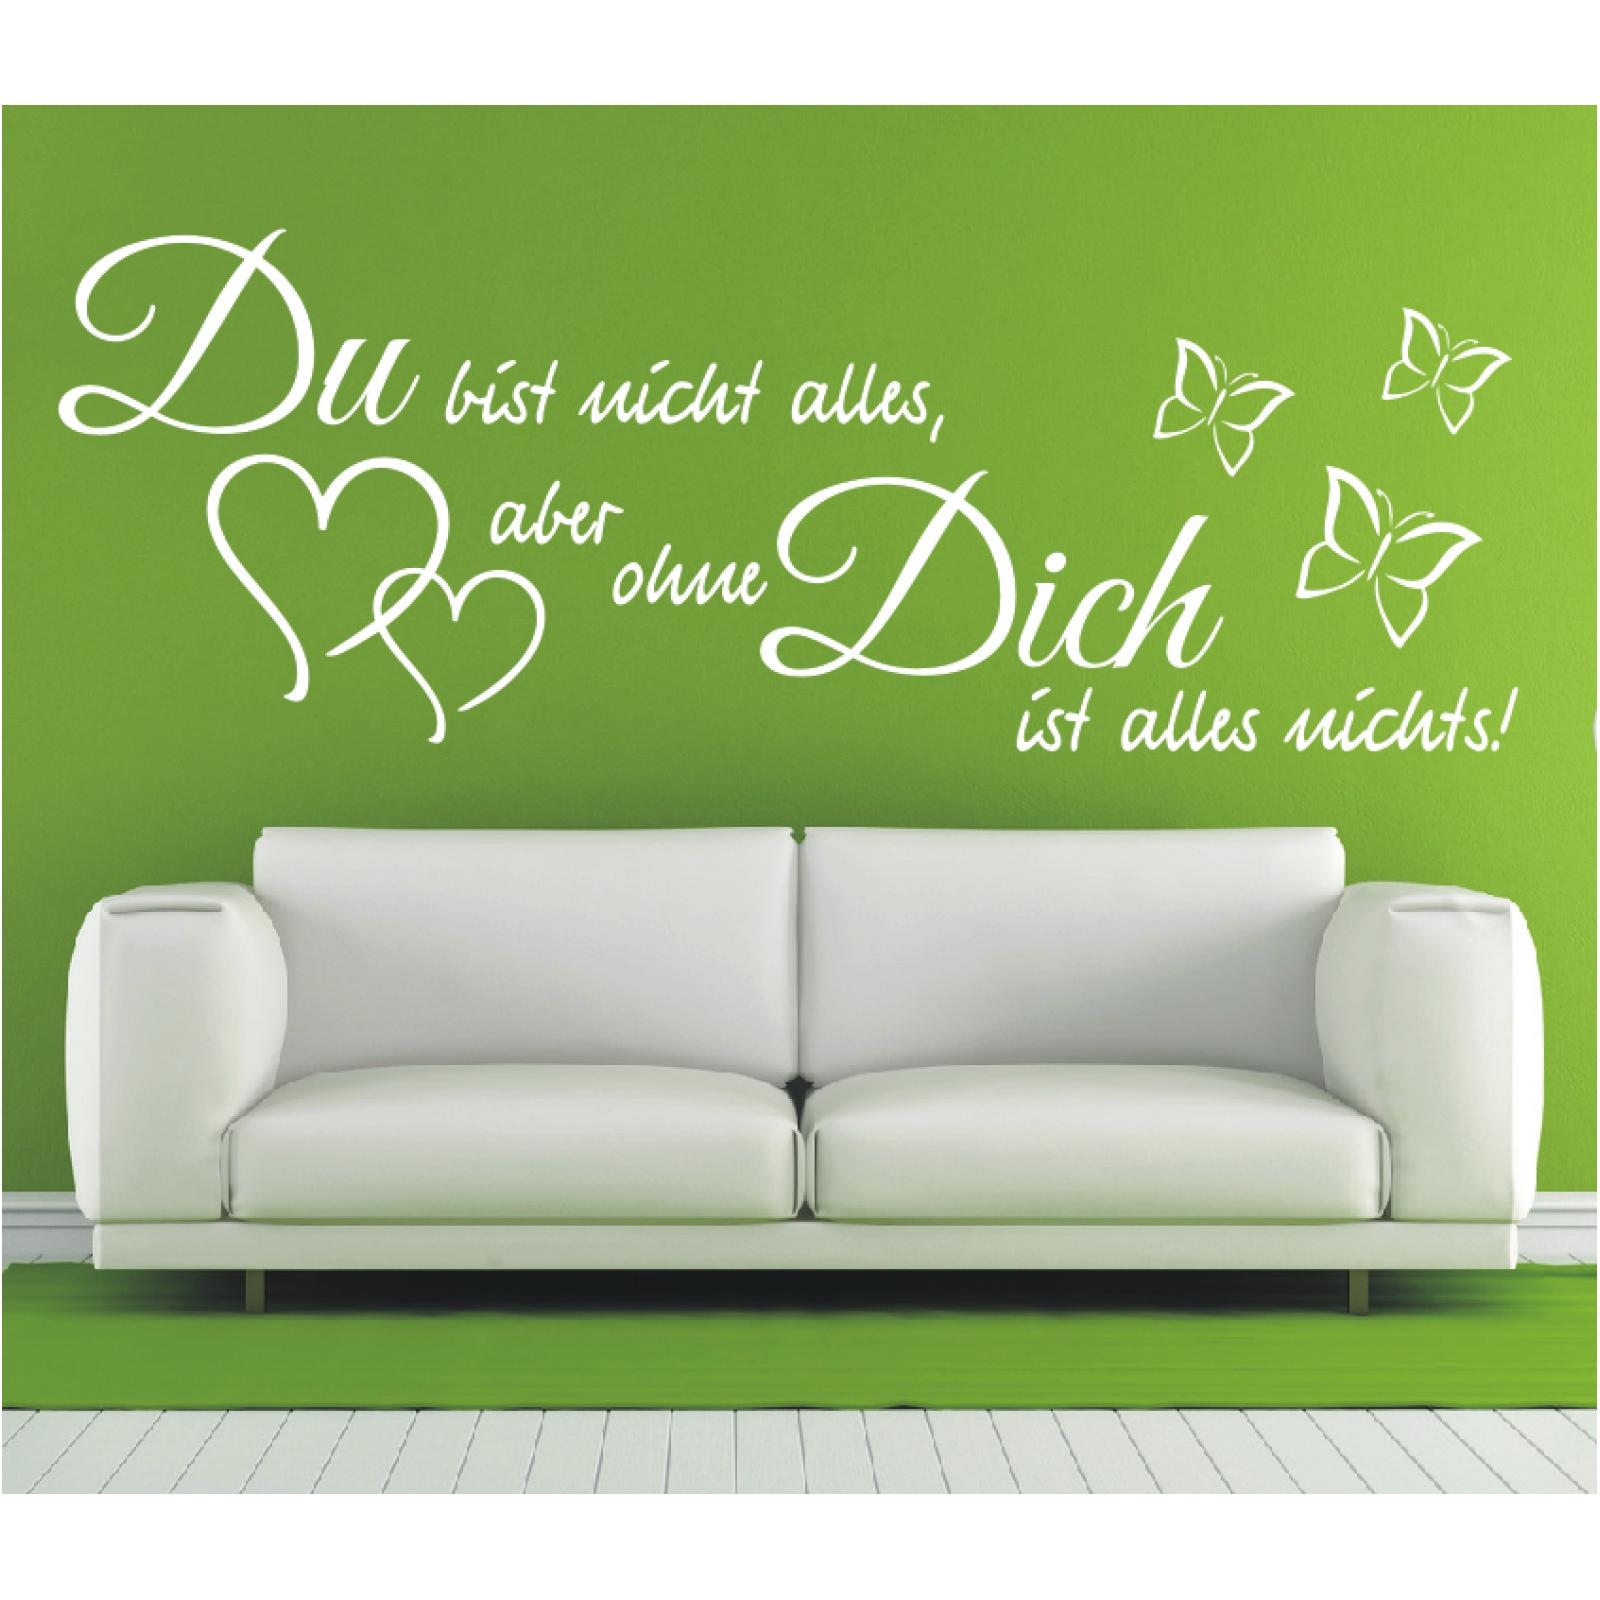 Wandtattoo-Spruch-Du-bist-nicht-alles-aber-Wandsticker-Wandaufkleber-Sticker-4